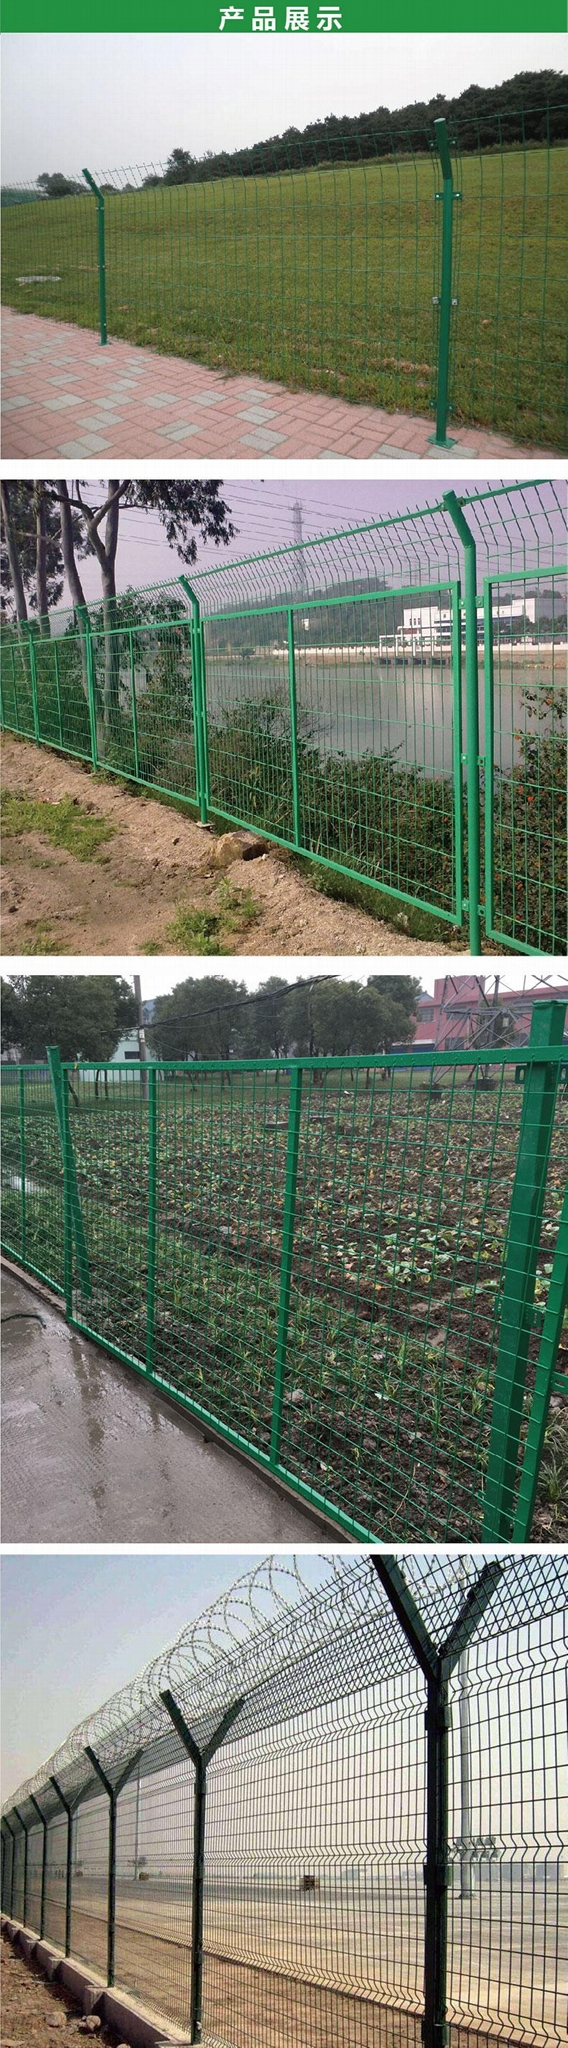 高速公路双边丝护栏网铁丝网养殖围栏鸡网车间隔离圈地钢丝荷兰网 5